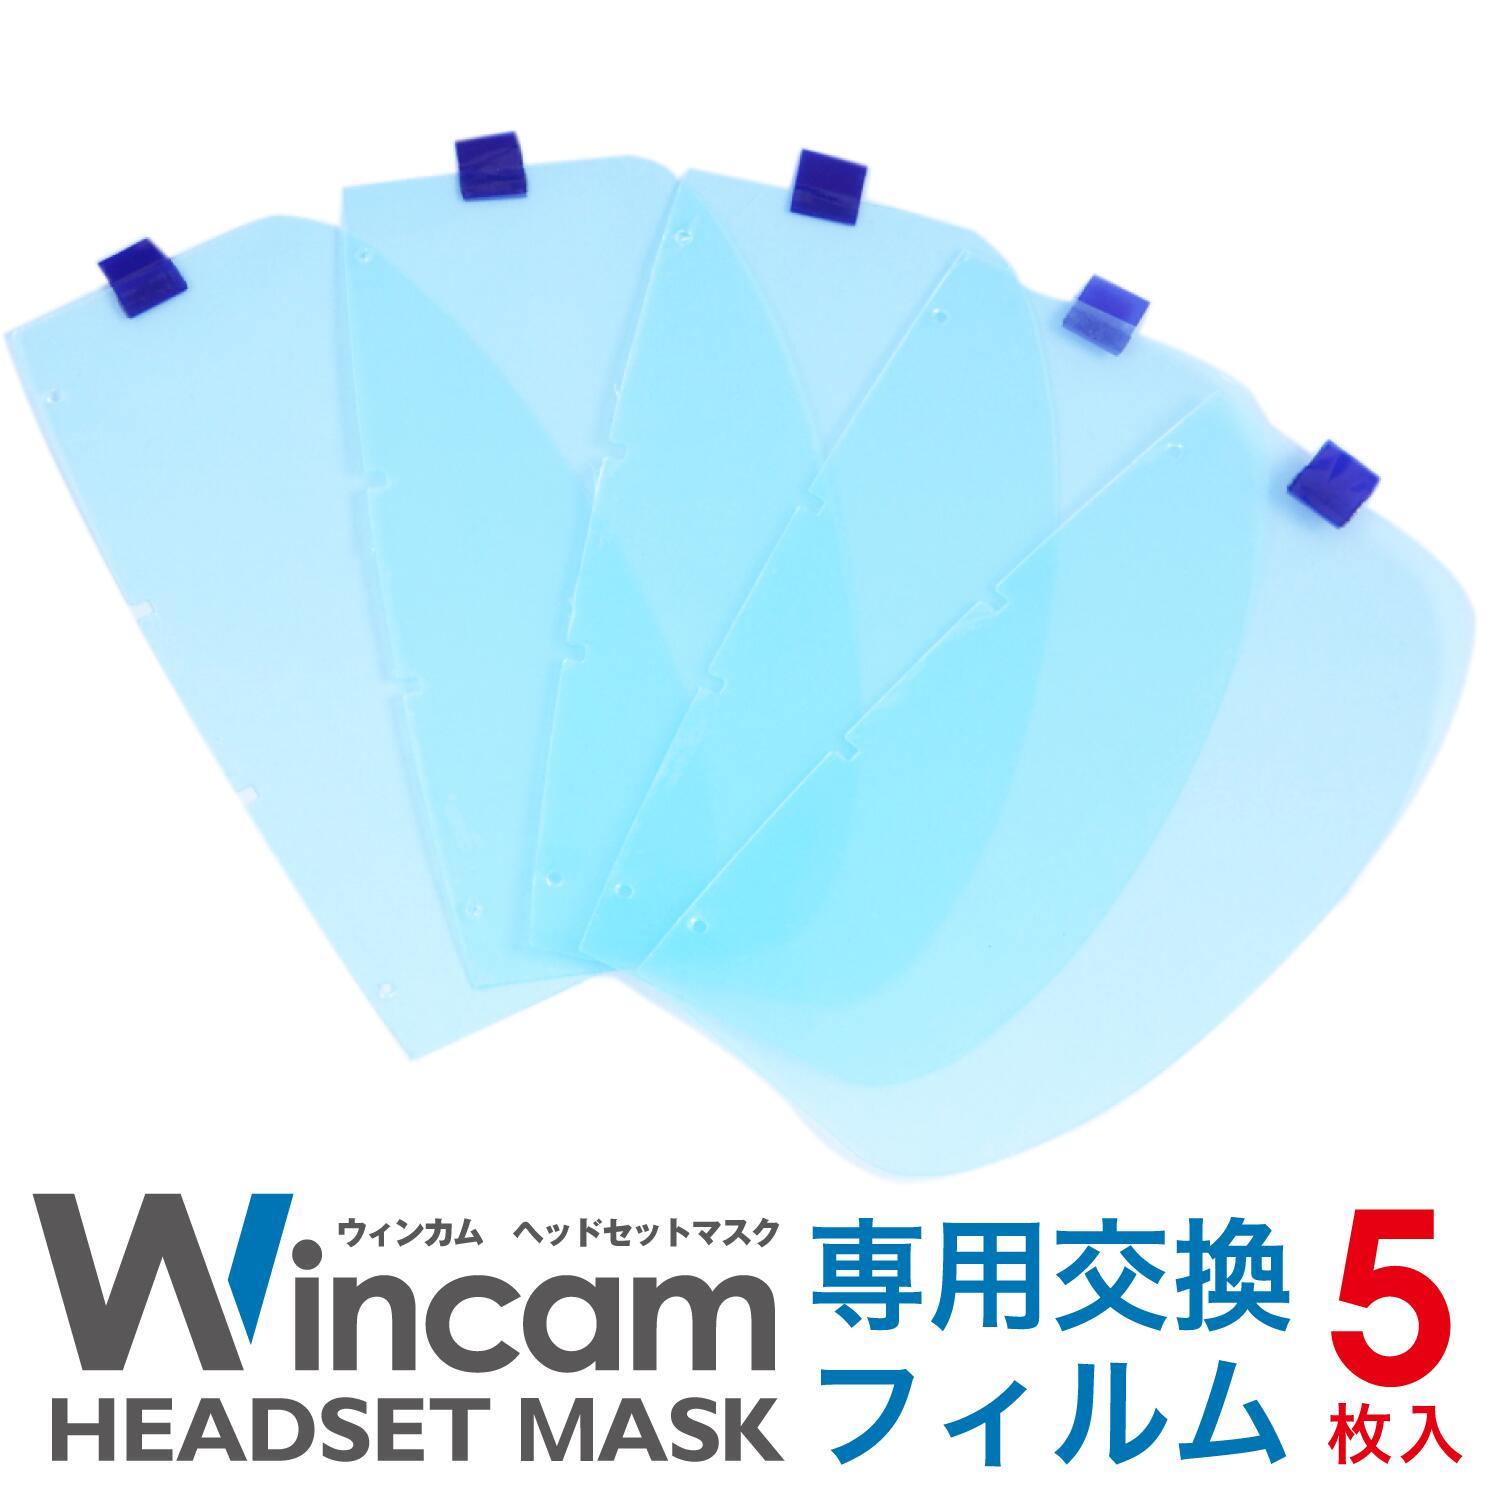 透明マスク 飲食店 接客業 衛生マスク 送料無料 ウィンカム(Wincam)ヘッドセットマスク 本体5個+替え追加フィルム5枚 ホワイト 口元が開閉式で飲食が可能 洗える繰り返し利用可 接客用マスク クリアマスク マウスシールド フェイスシールド